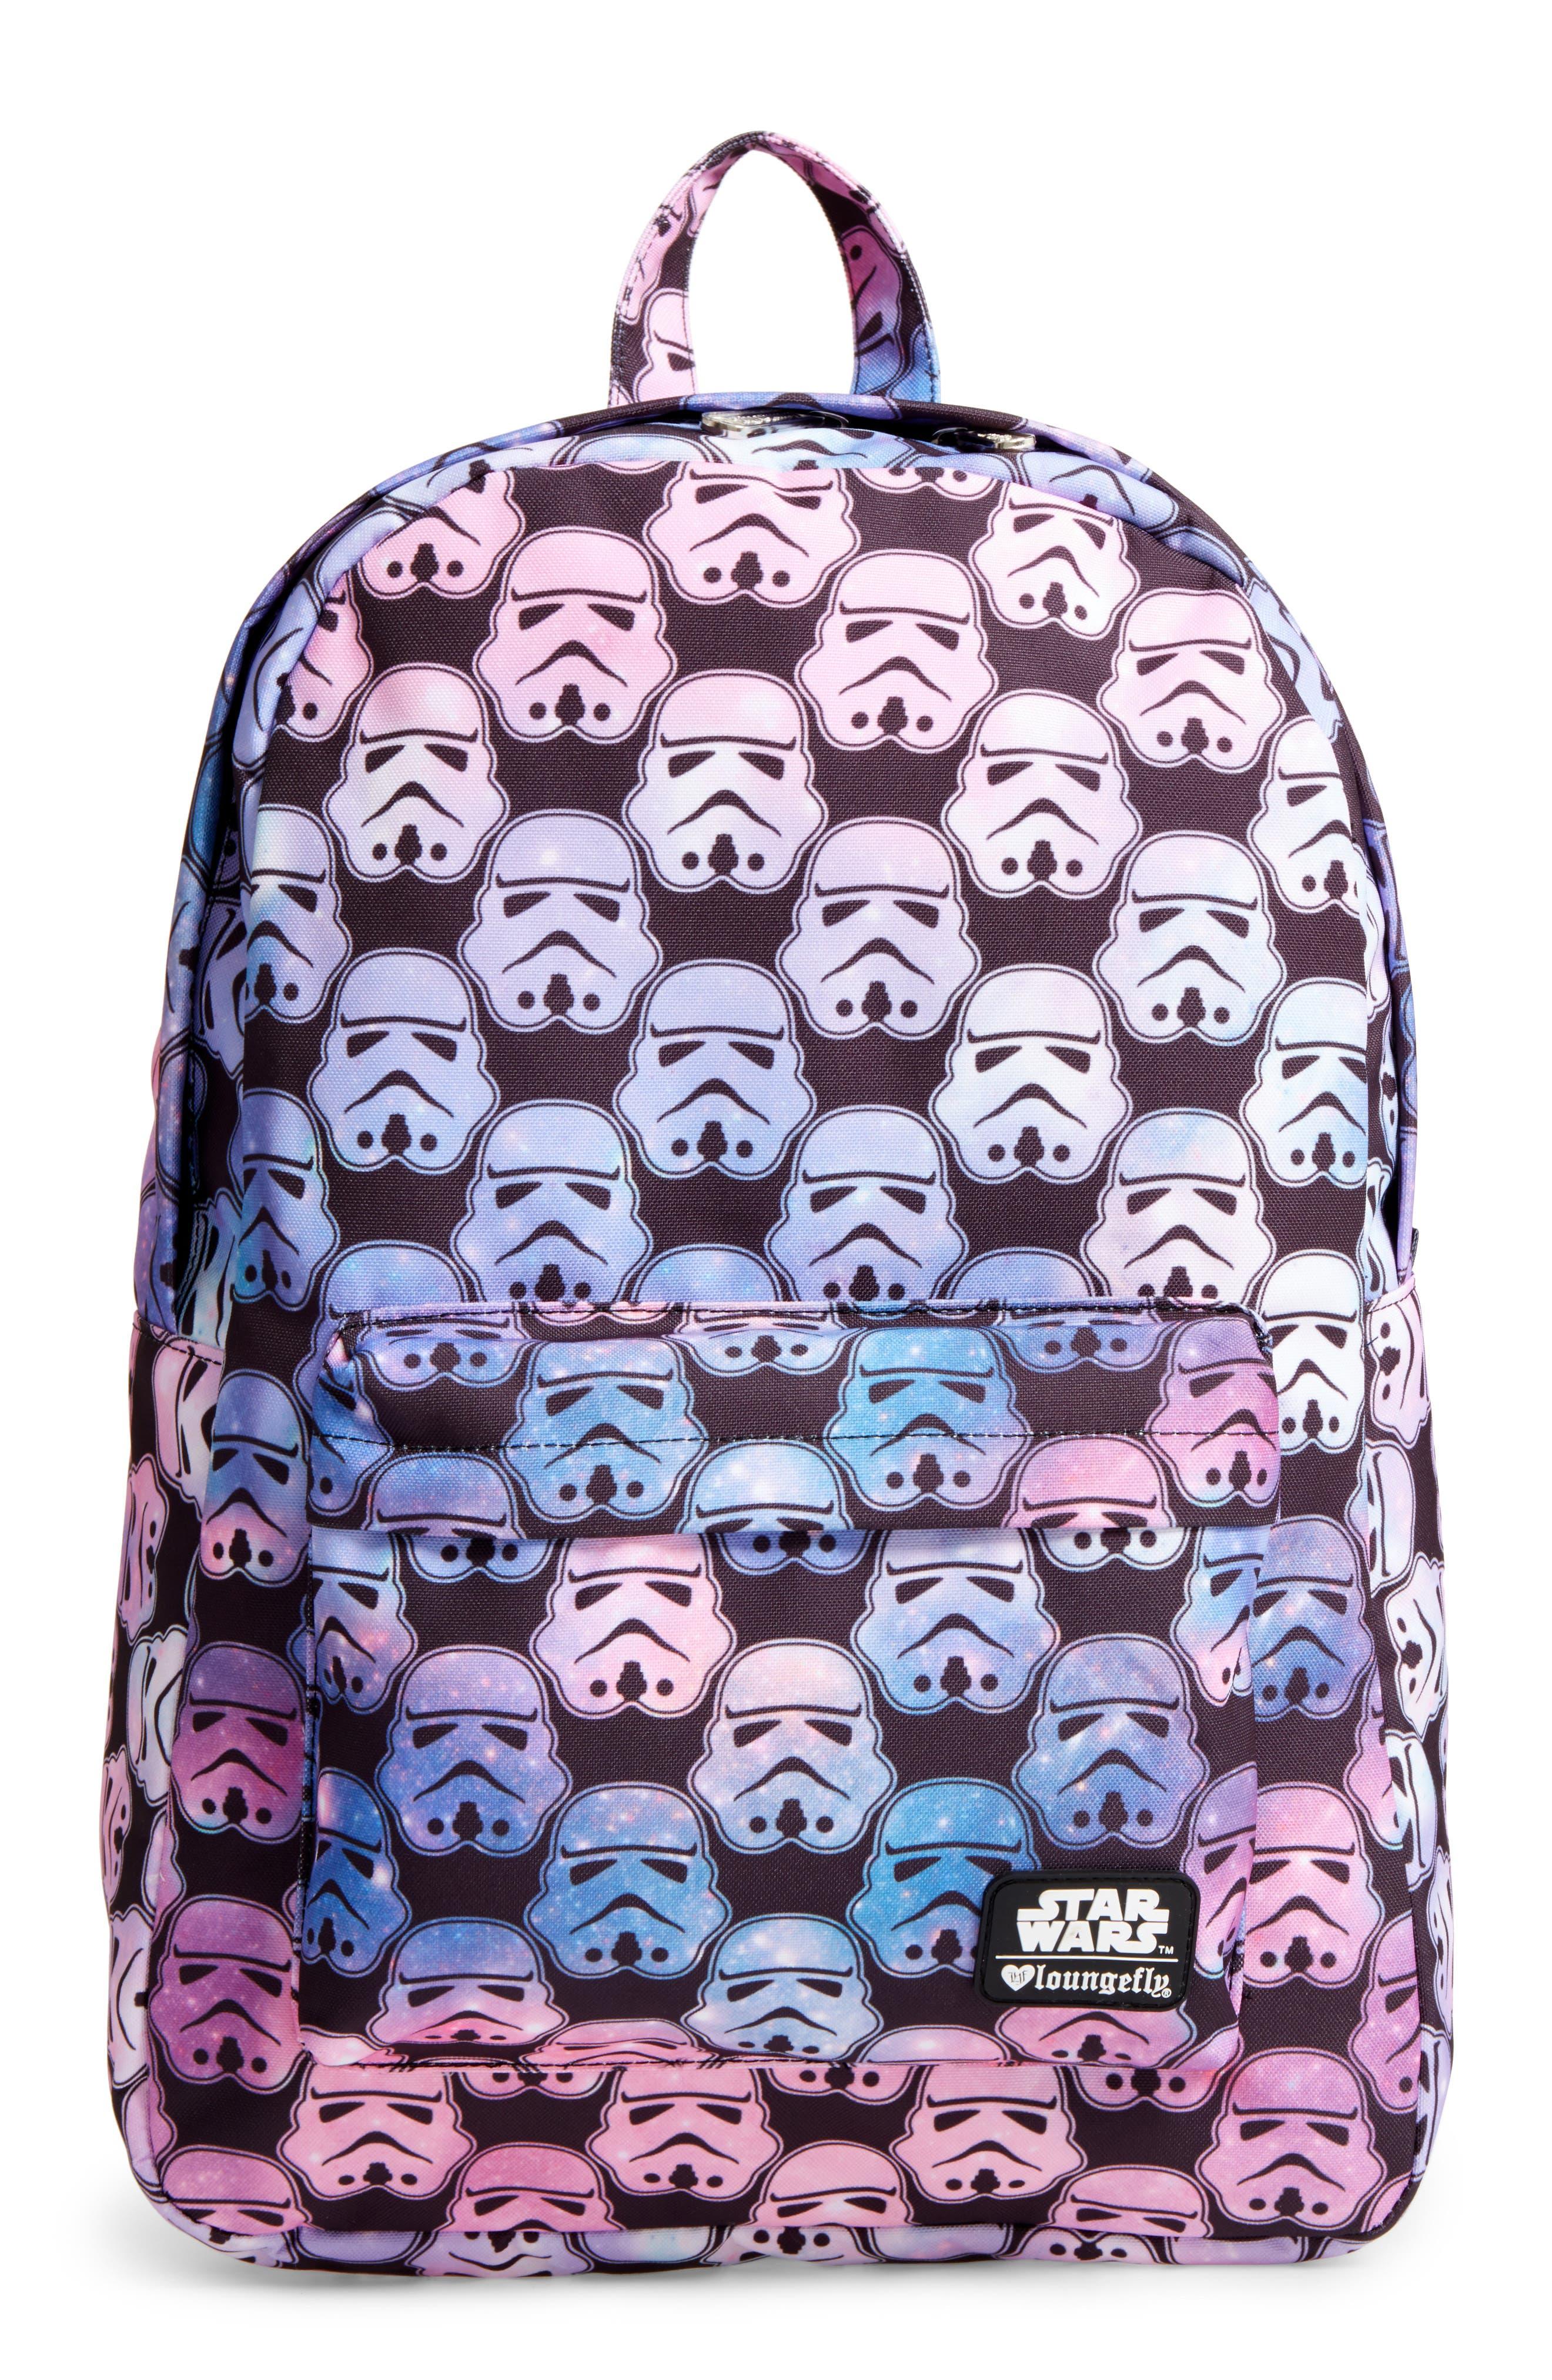 Star Wars<sup>™</sup> Stormtrooper Galaxy Backpack,                             Main thumbnail 1, color,                             001